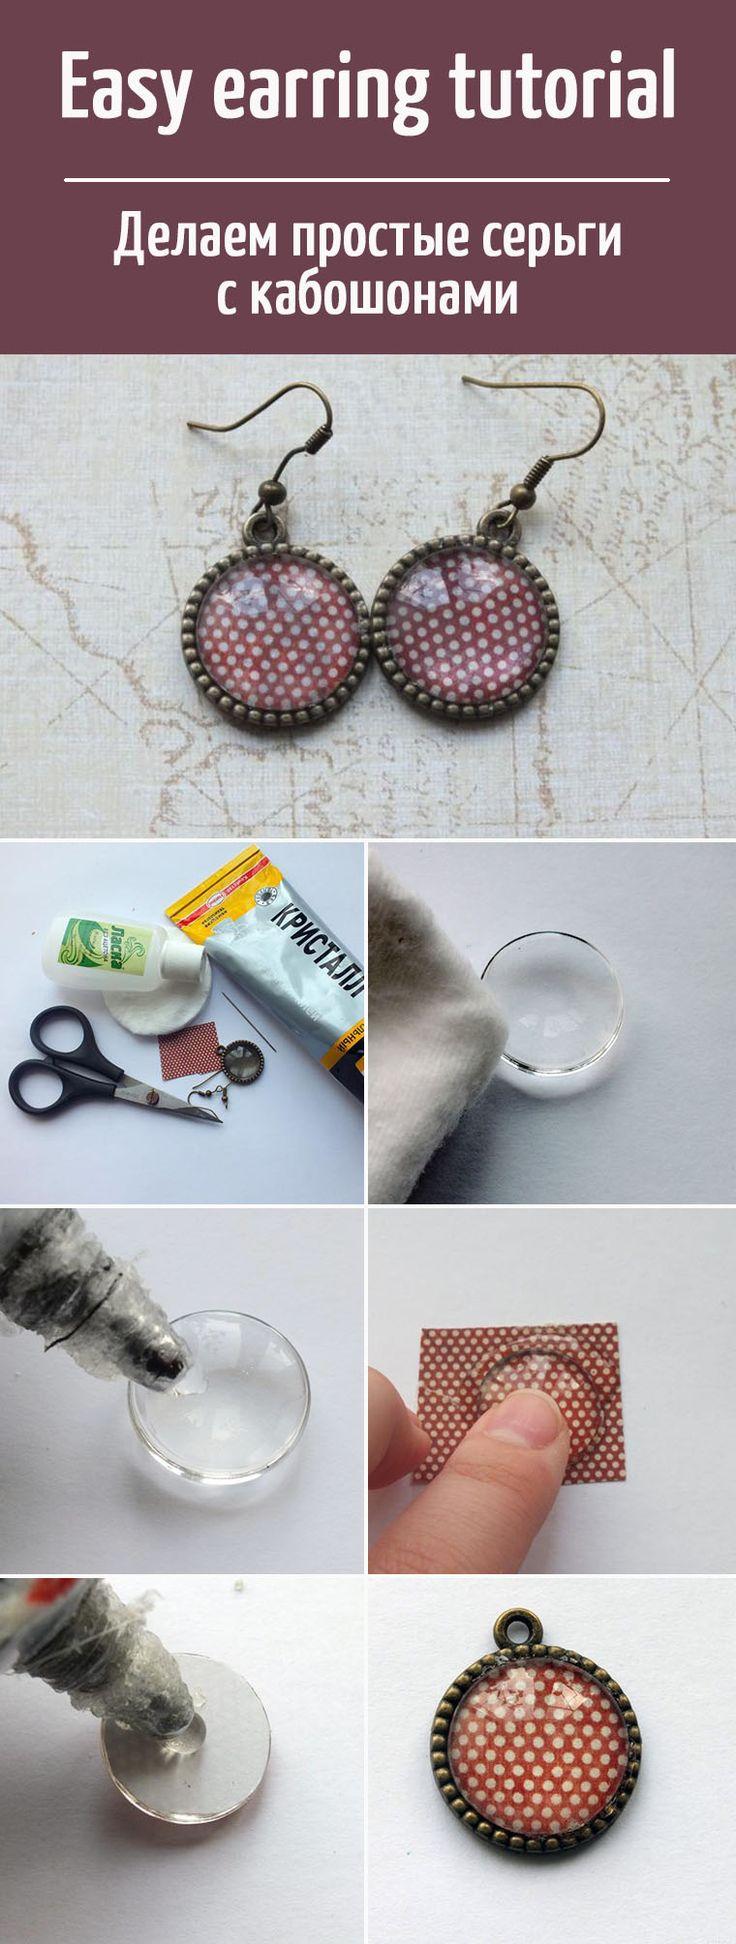 Делаем простые серьги с кабошонами / DIY easy earring  #DIY #сделайсам #МК…